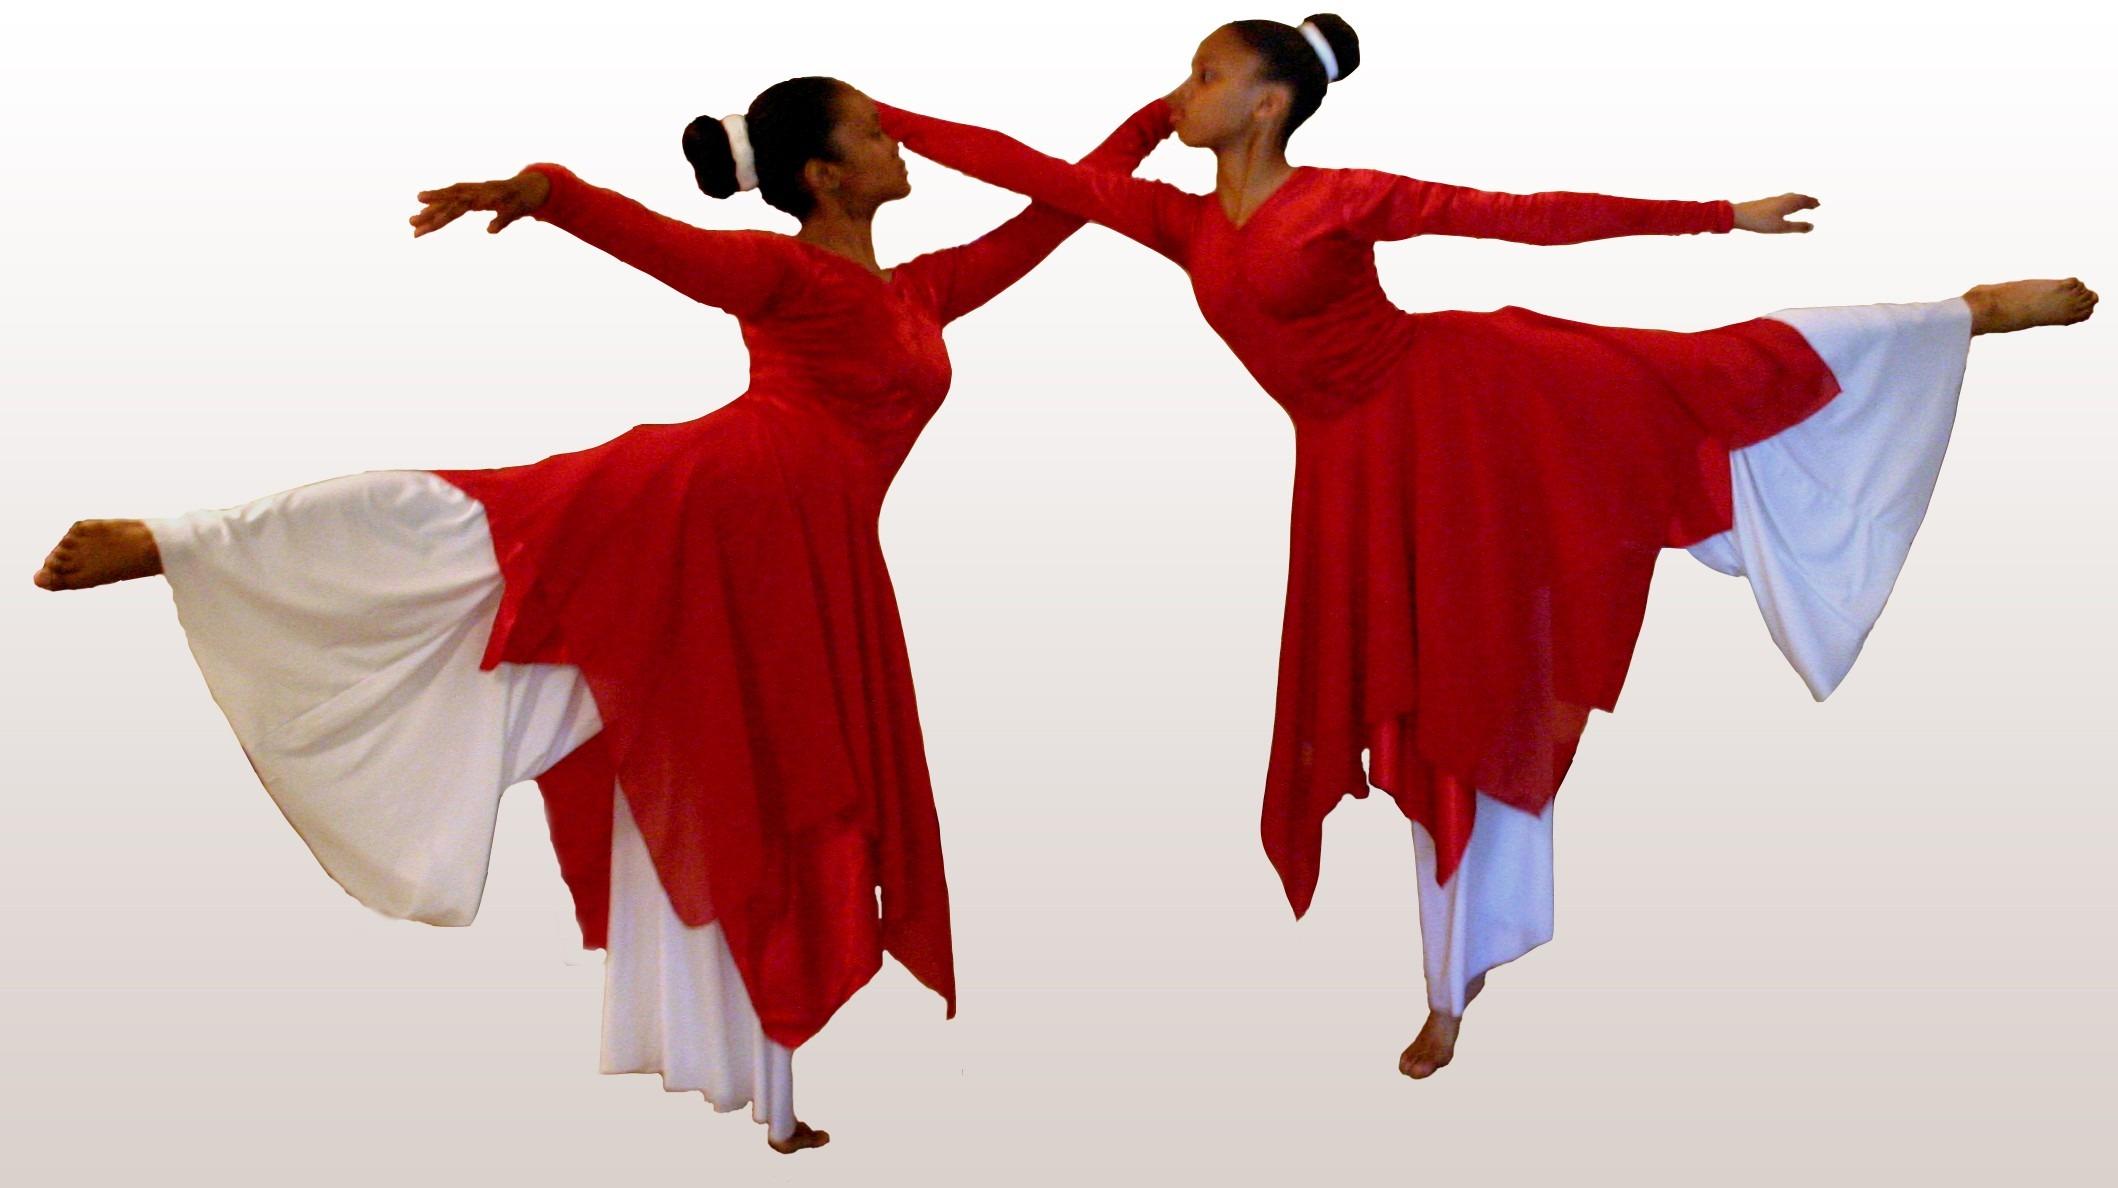 Praise dance clipart 5 » Clipart Station.